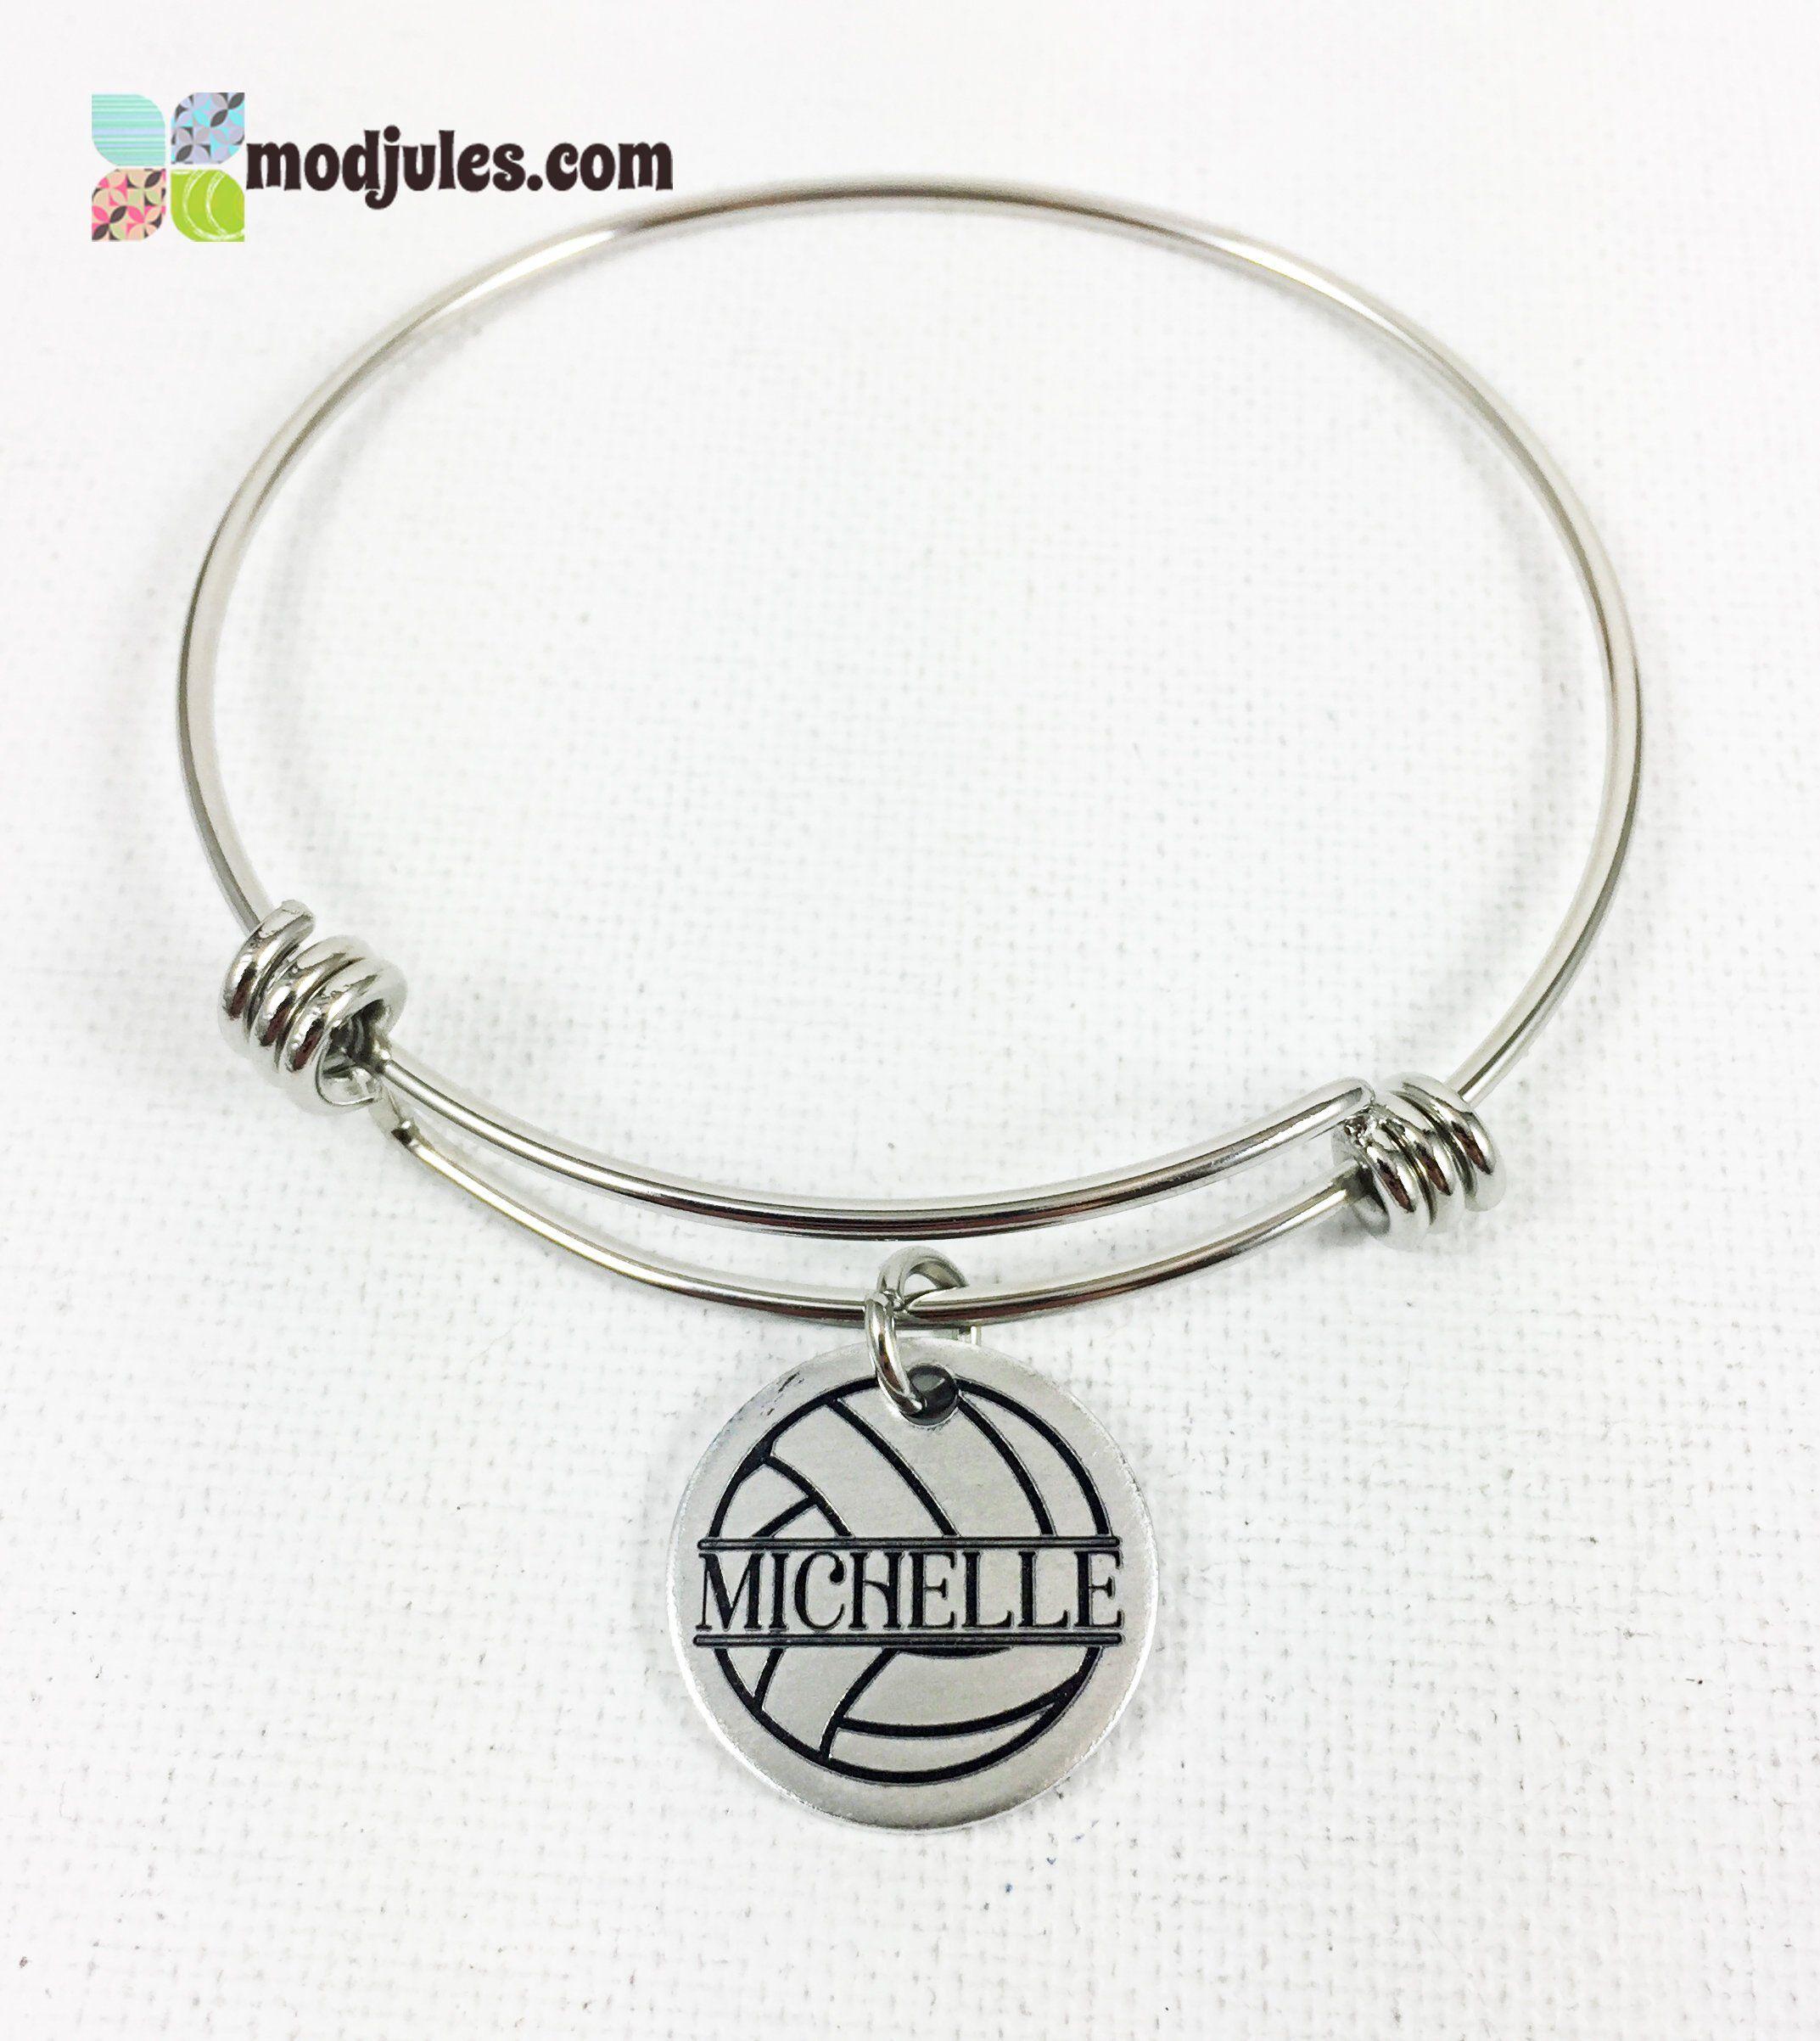 Personalized Volleyball Bracelet Personalized Volleyball Bangle Name Charm Gift For Volleyball Player Volleyba Wire Bangle Bracelets Wire Bangles Bracelets